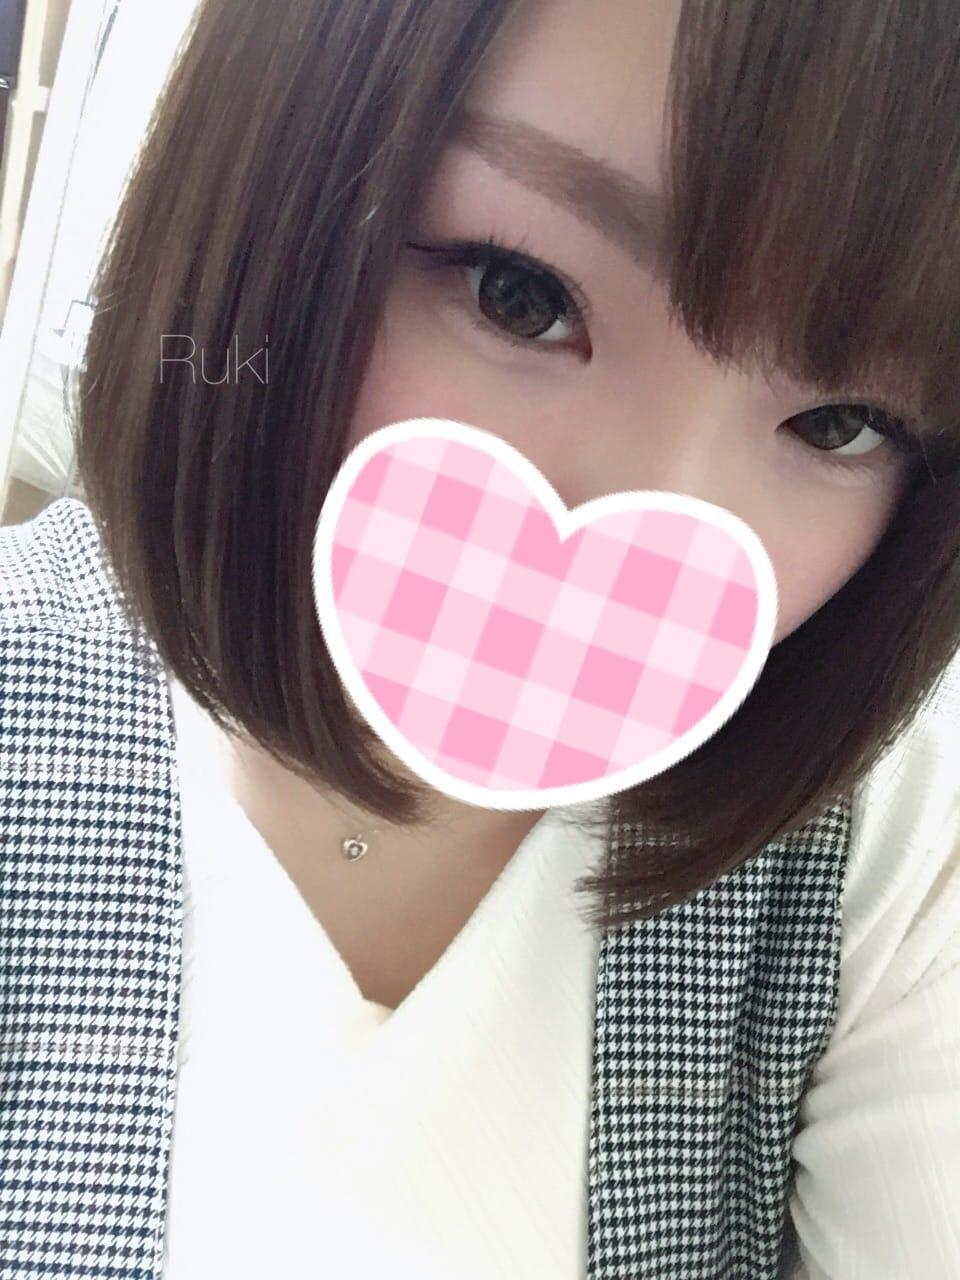 るき 癒し系HカップGIRL「> お礼♡」09/23(土) 13:49 | るき 癒し系HカップGIRLの写メ・風俗動画